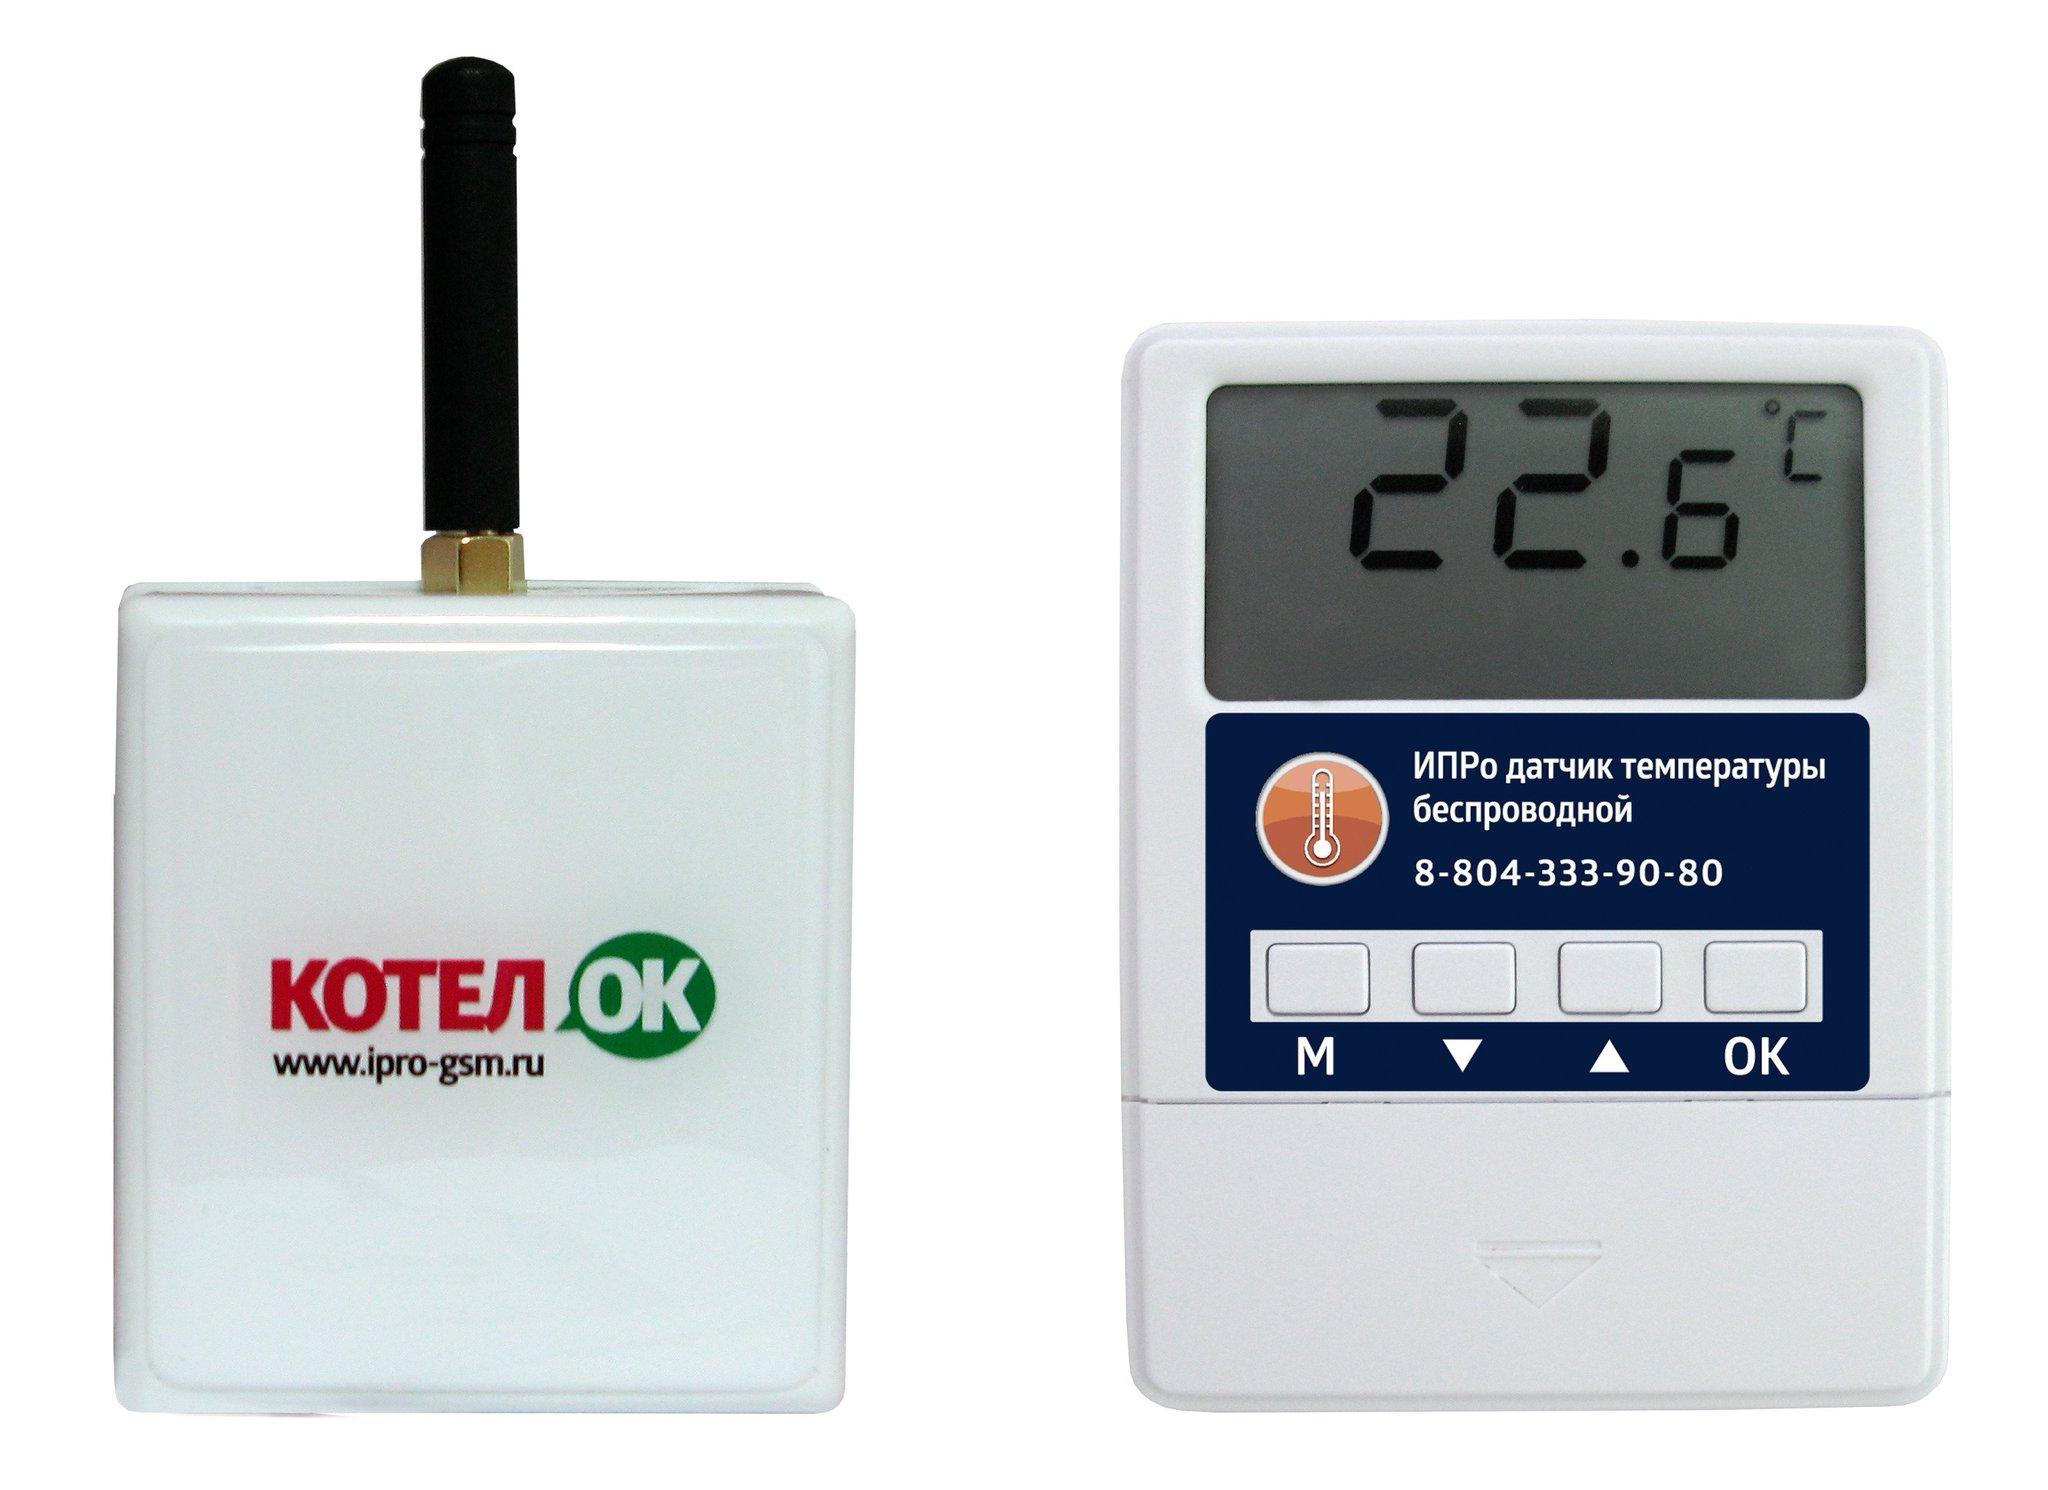 Дистанционное управление отоплением и температурой дома. gsm системы управления климатом.